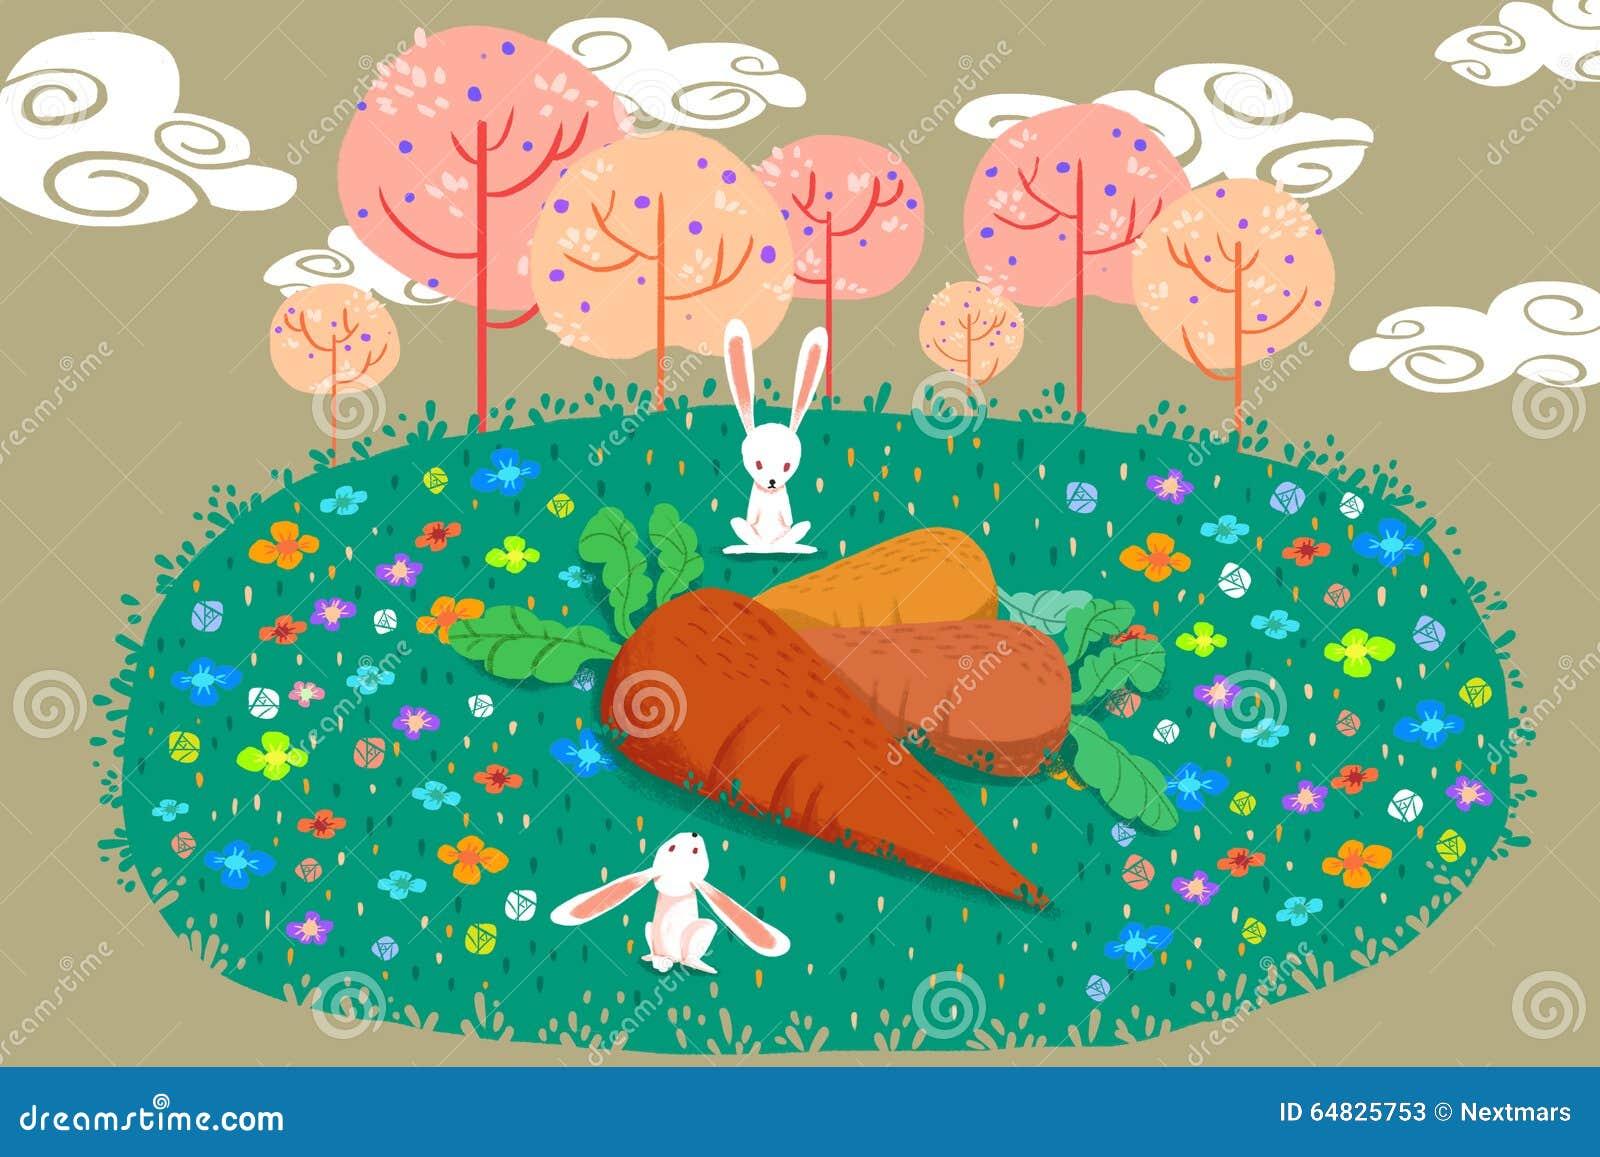 Illustration pour des enfants : Qu allons-nous faire avec le ce les carottes énormes ? Les lapins confus